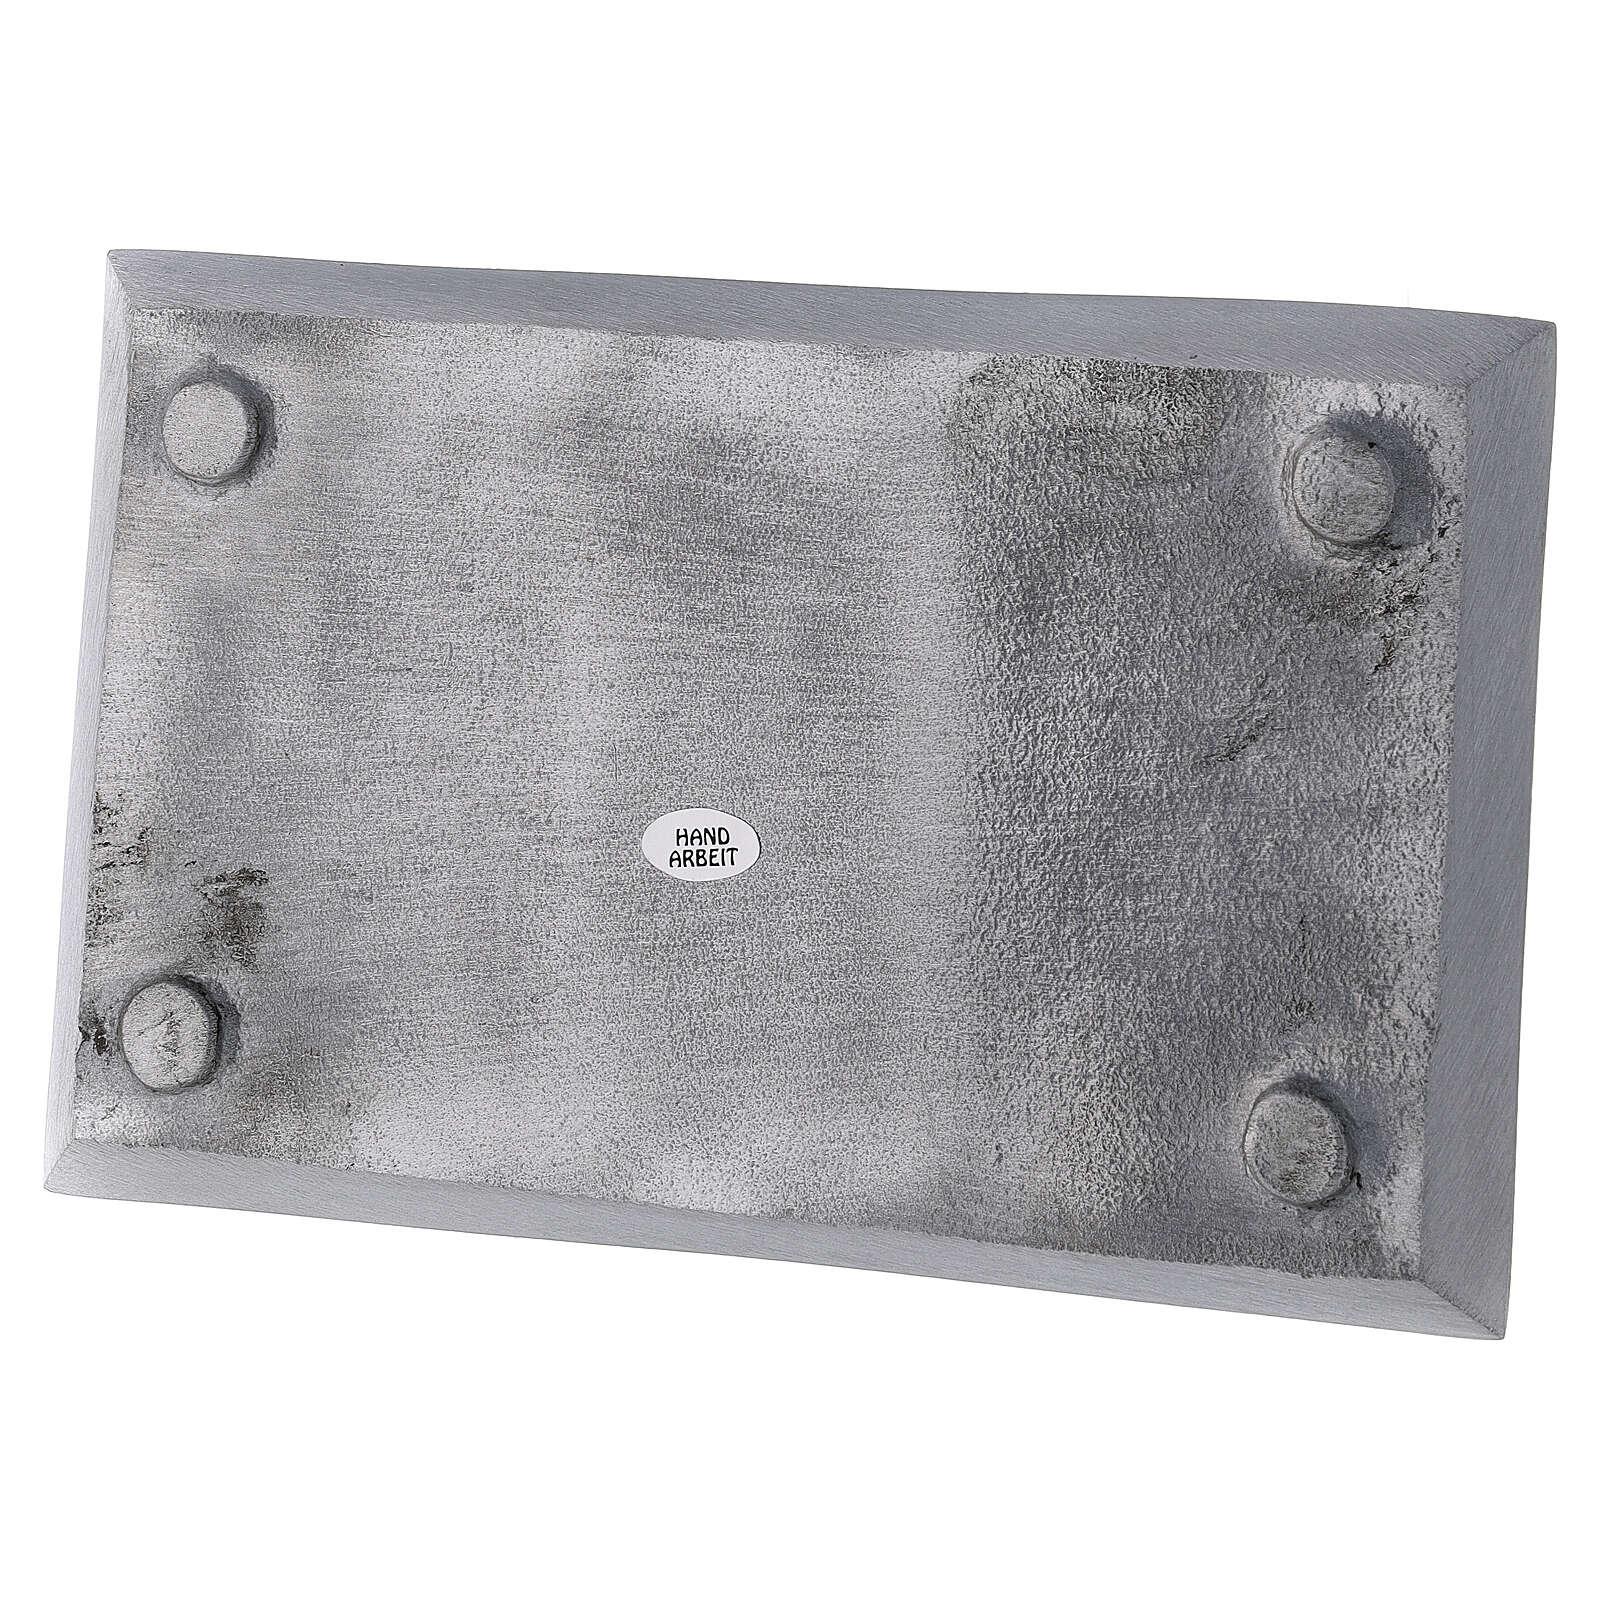 Portacandela piatto rettangolare ottone nichelato spazzolato 23x13 cm 3